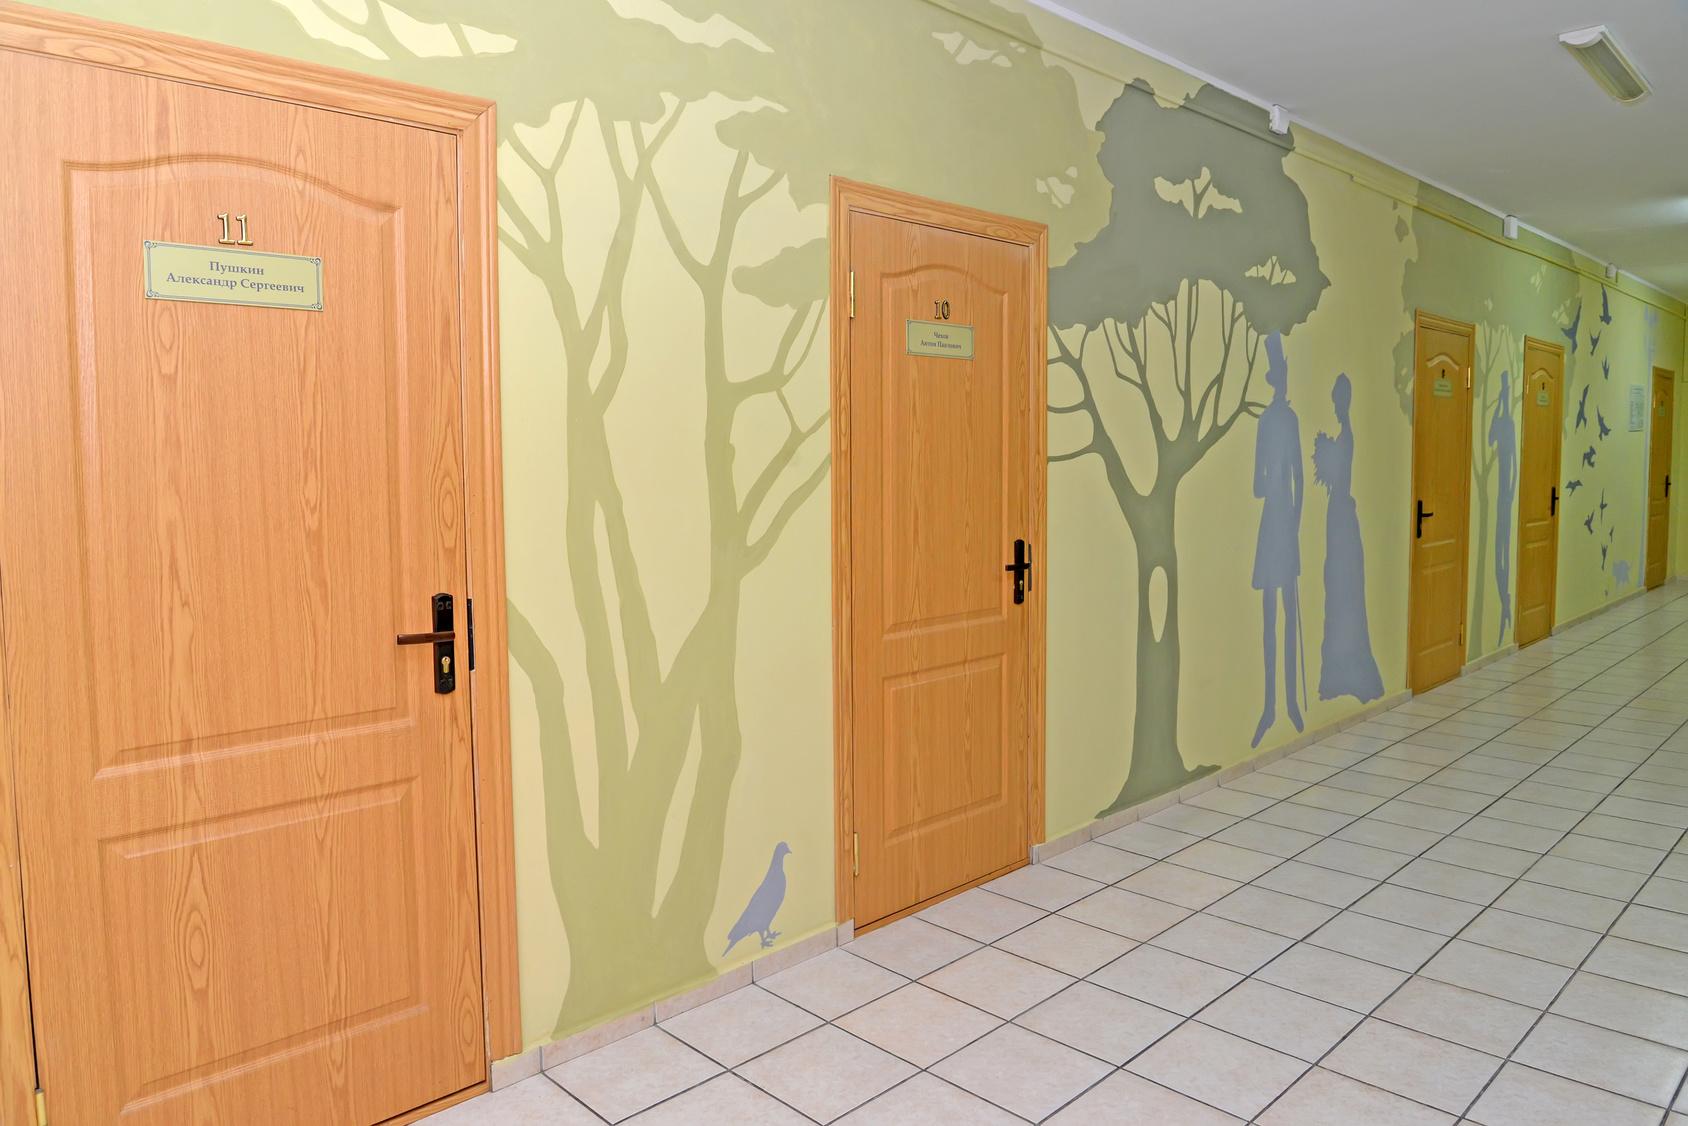 expert-peinture.fr/wp-content/uploads/2015/12/4-manières-originales-de-peindre-un-couloir.jpg